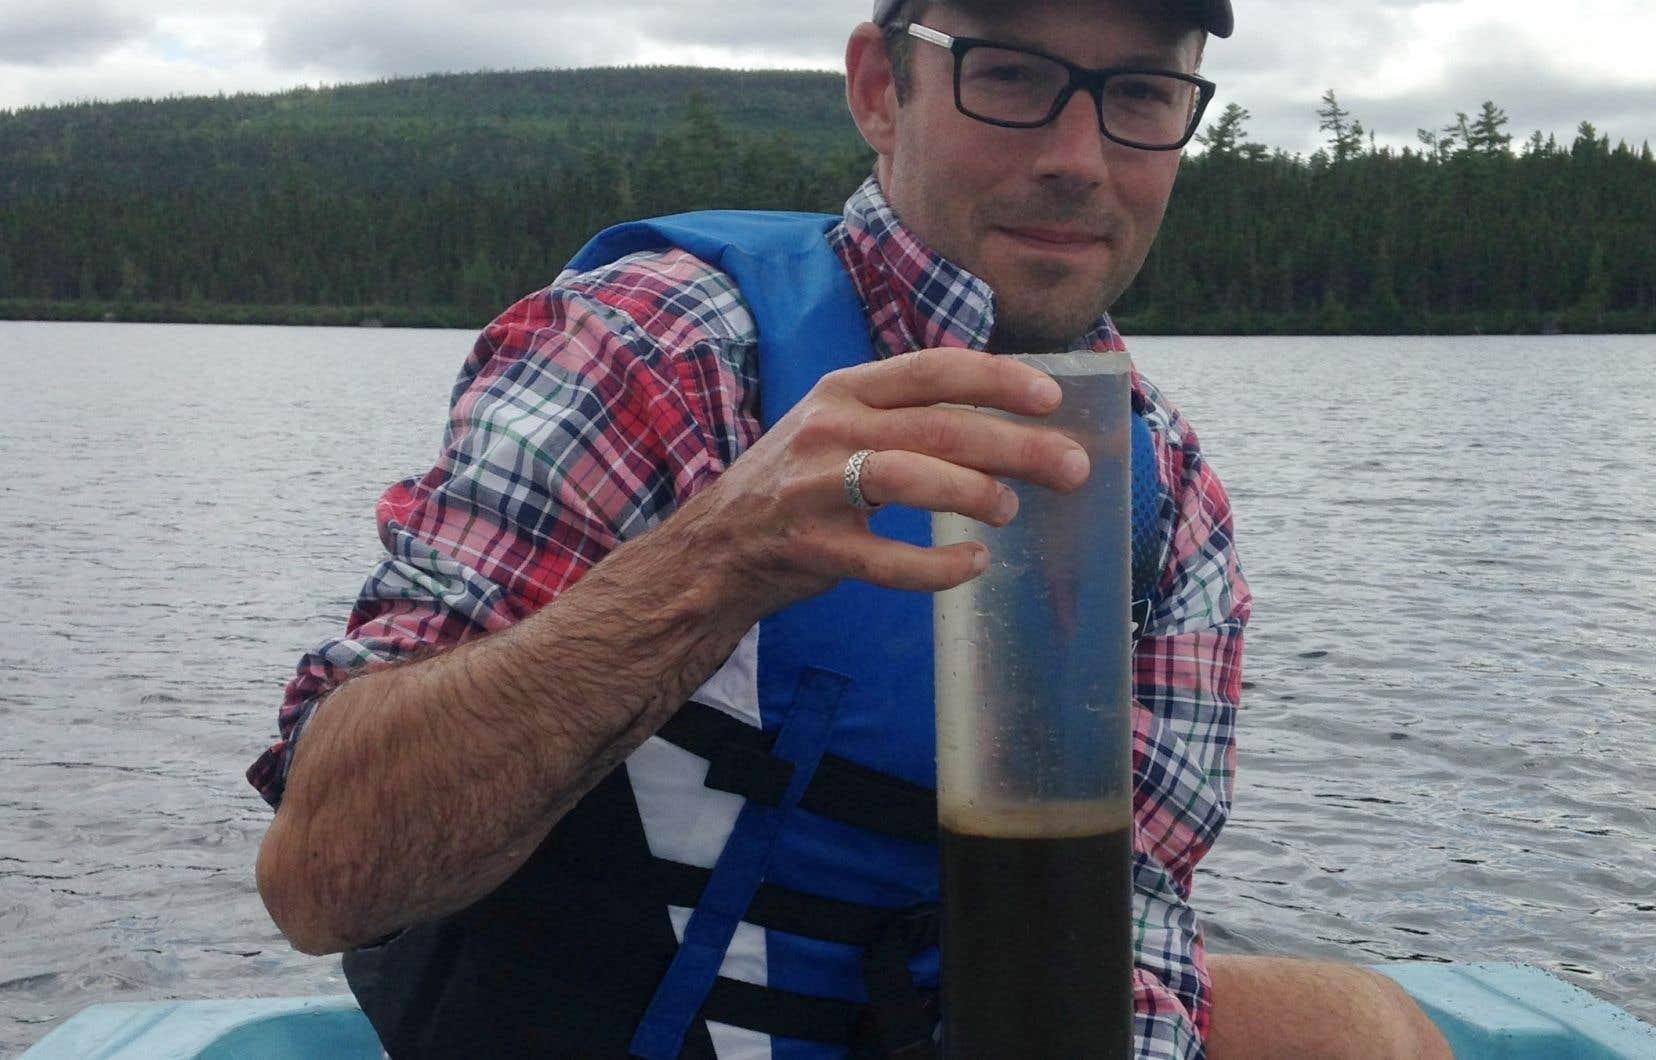 <p>Avec ses collègues, le Dr Josh Kurek a examiné les sédiments de cinq lacs du nord éloignés des communautés et de toute autre source de contamination. Il a trouvé, comme prévu, de fortes concentrations de DDT dans les sédiments datant de l'époque de son utilisation.</p>